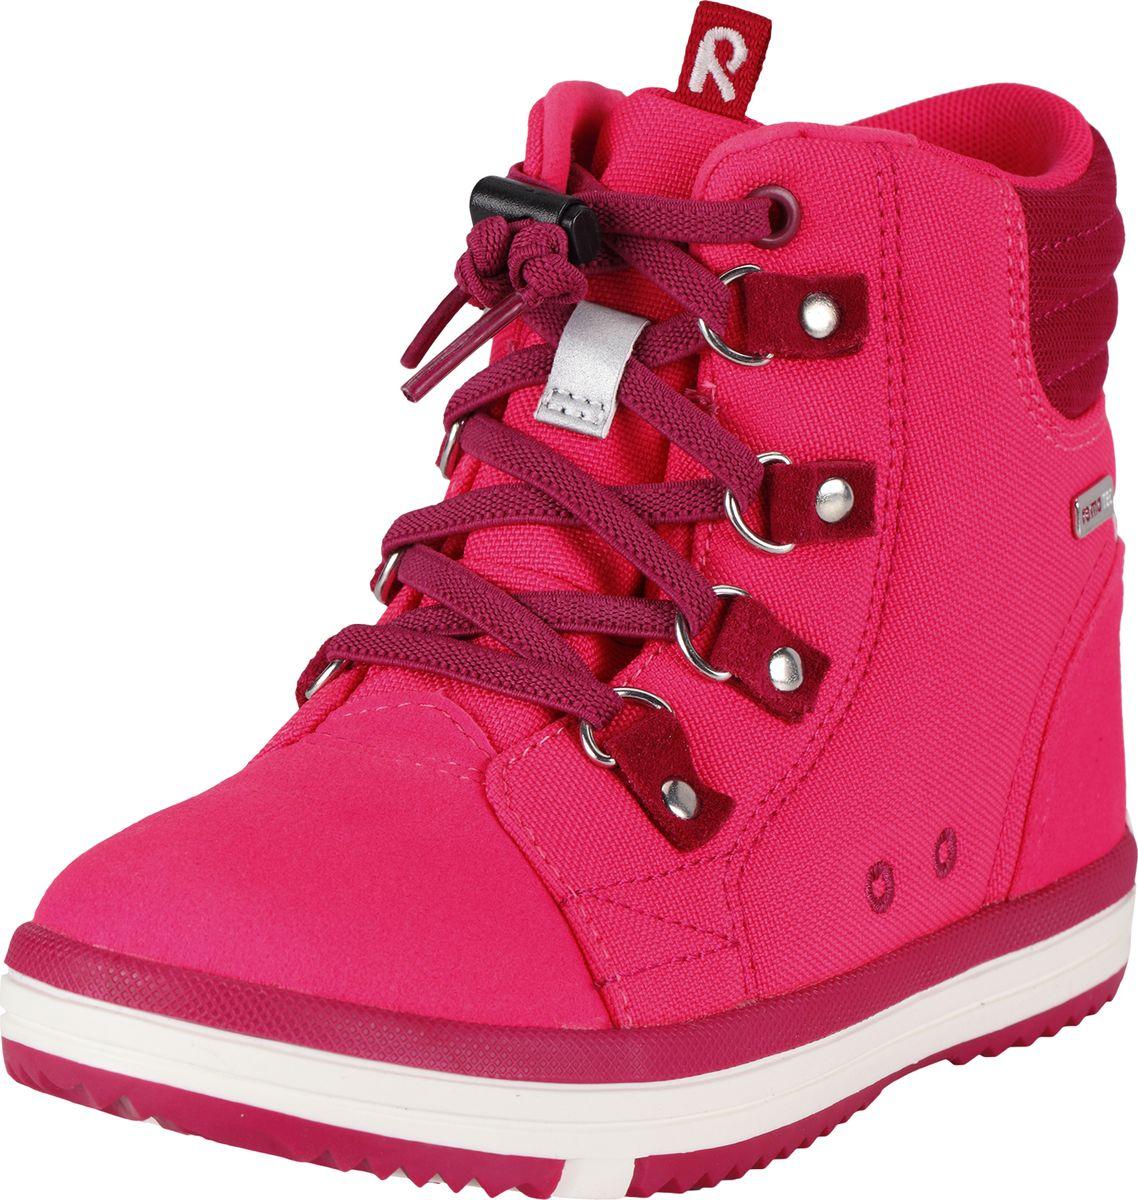 Ботинки Reima ботинки детские reima цвет красный 5693683900 размер 24